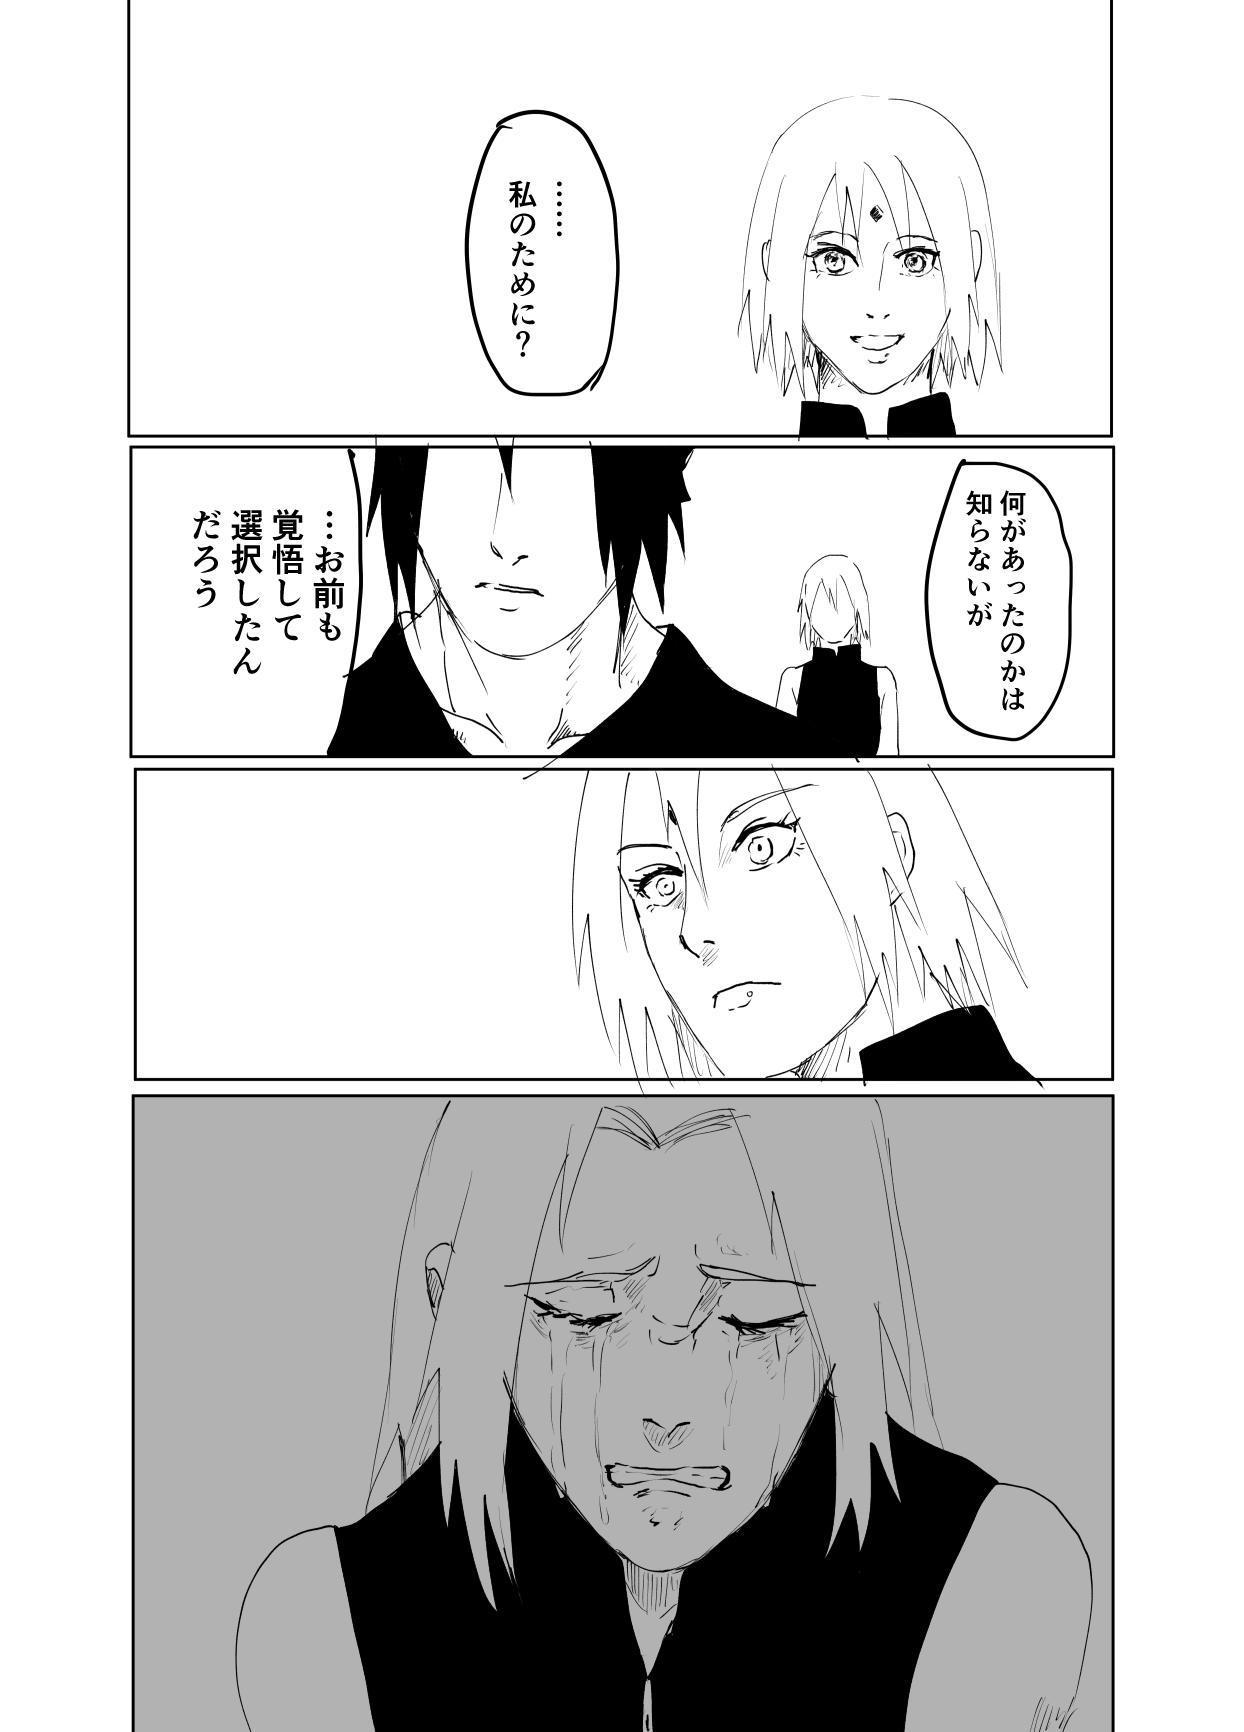 嘘告白漫画 44